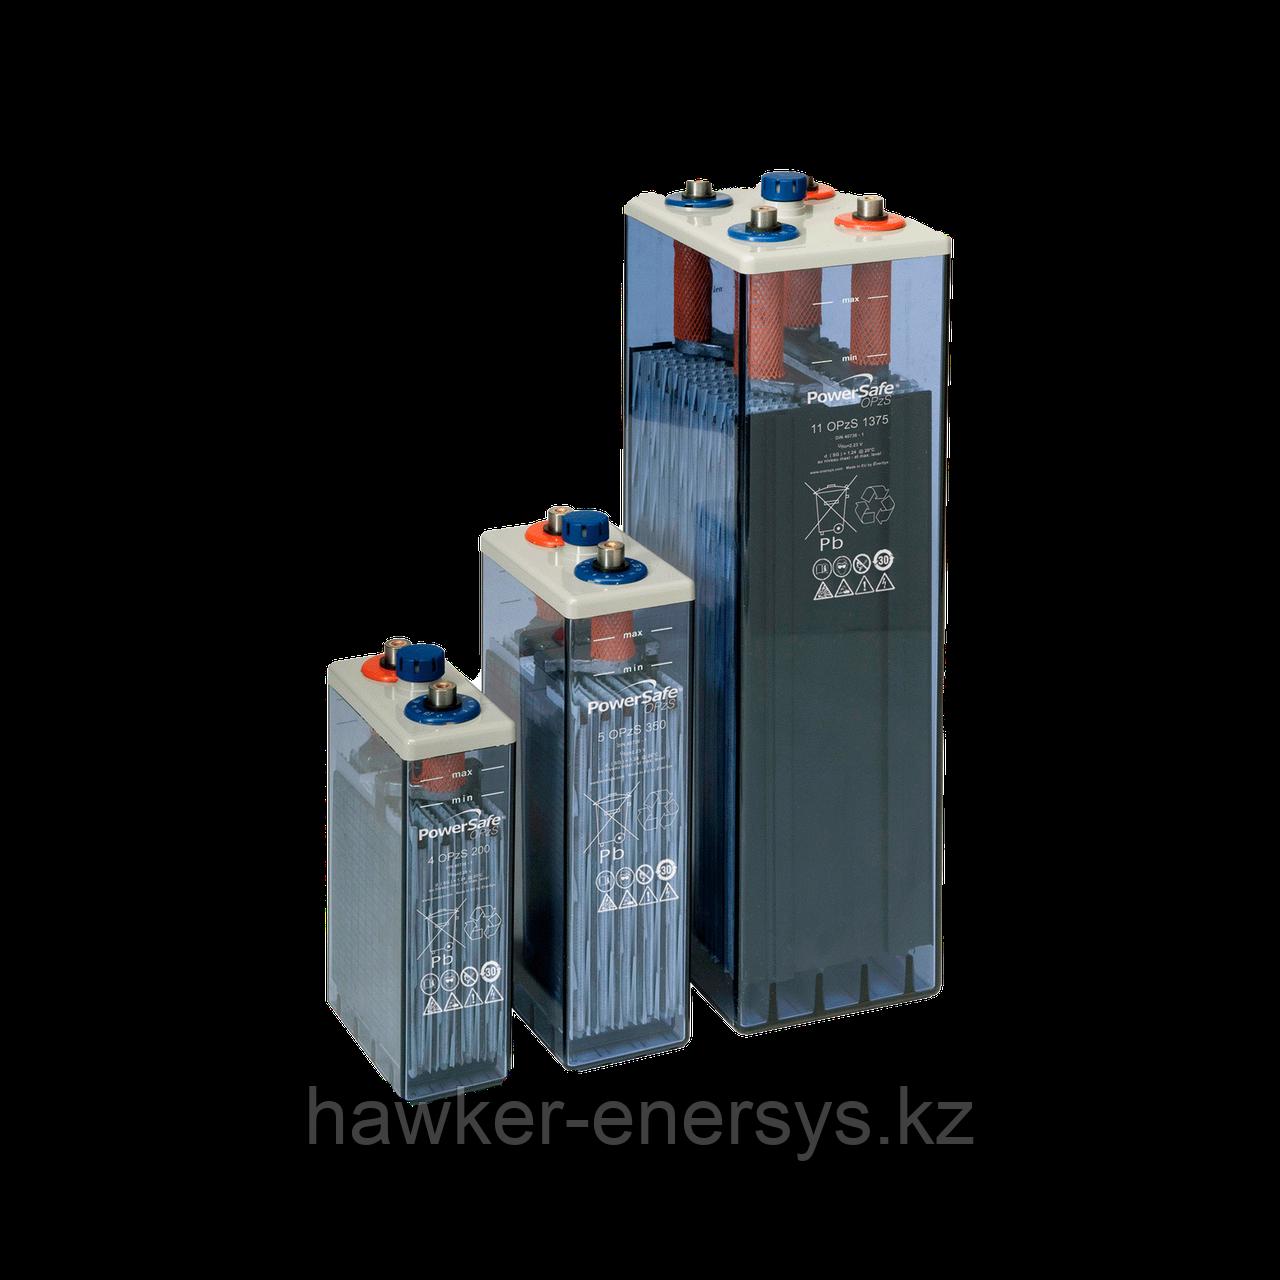 Аккумуляторная батарея PowerSafe 6 OPzS 300